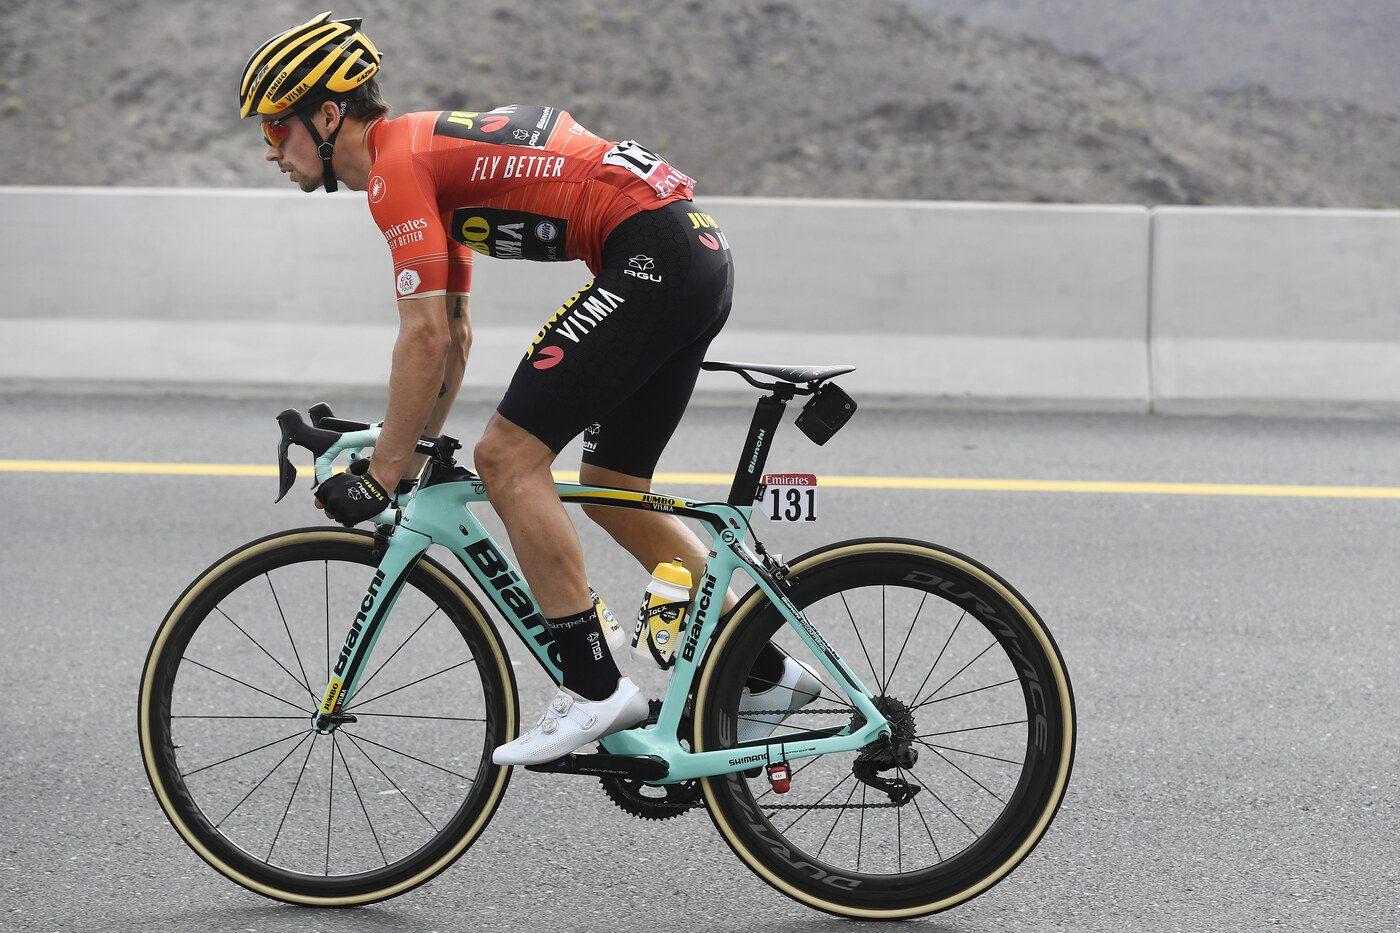 Successo di Primoz Roglic nell'ultima tappa del Tour de romandie.